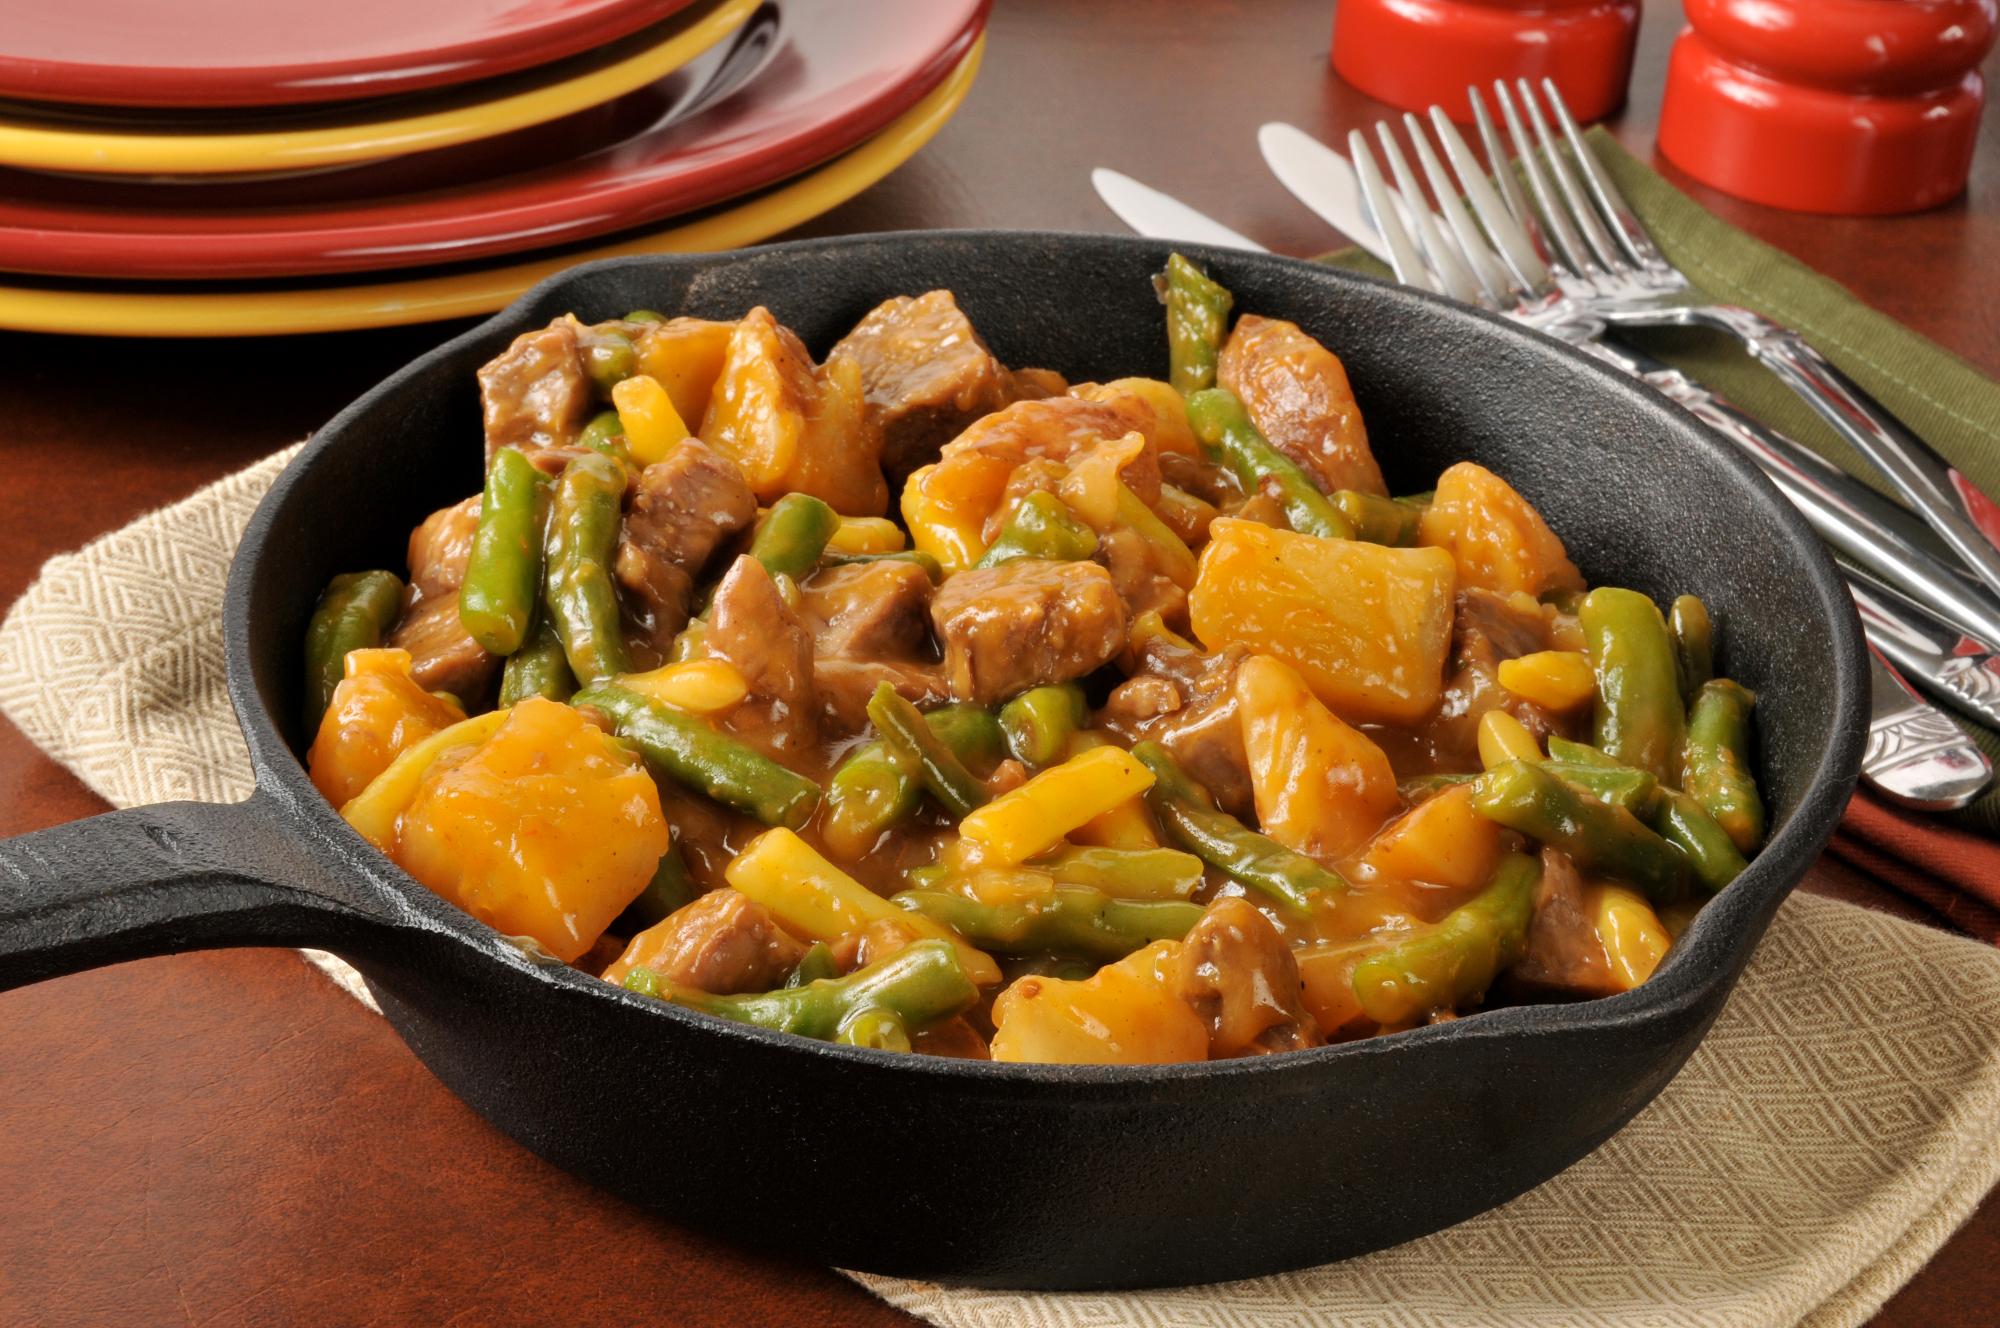 Тушёная картошка с мясом и овощами рецепт